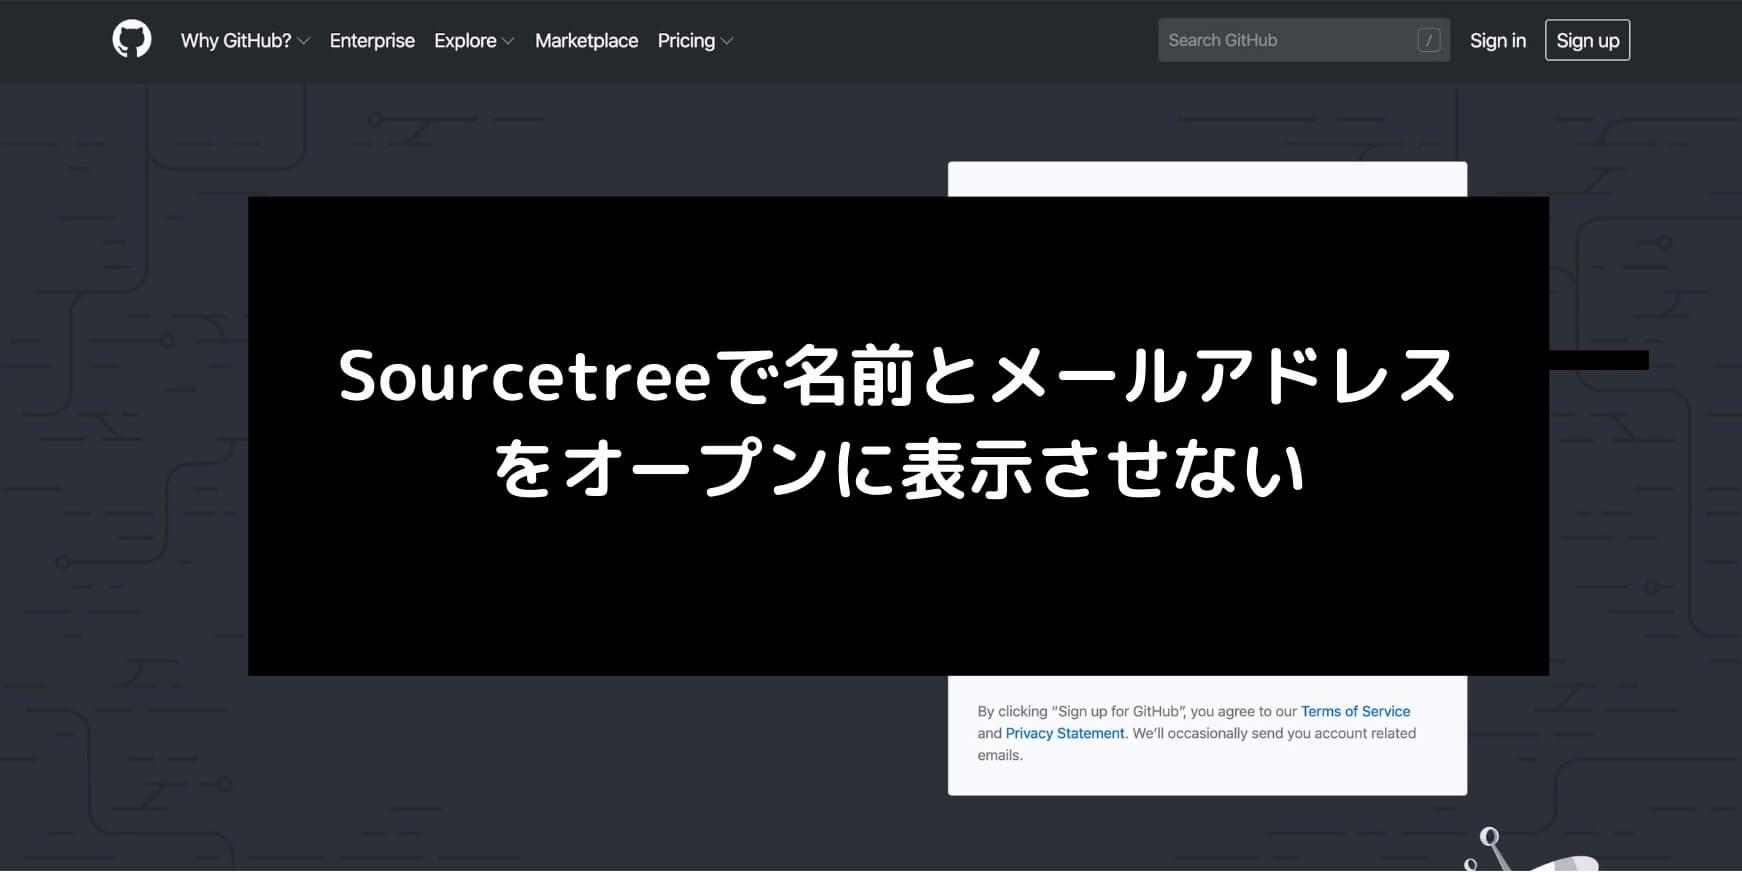 Sourcetreeで名前とメールアドレス をオープンに表示させないと書かれた画像